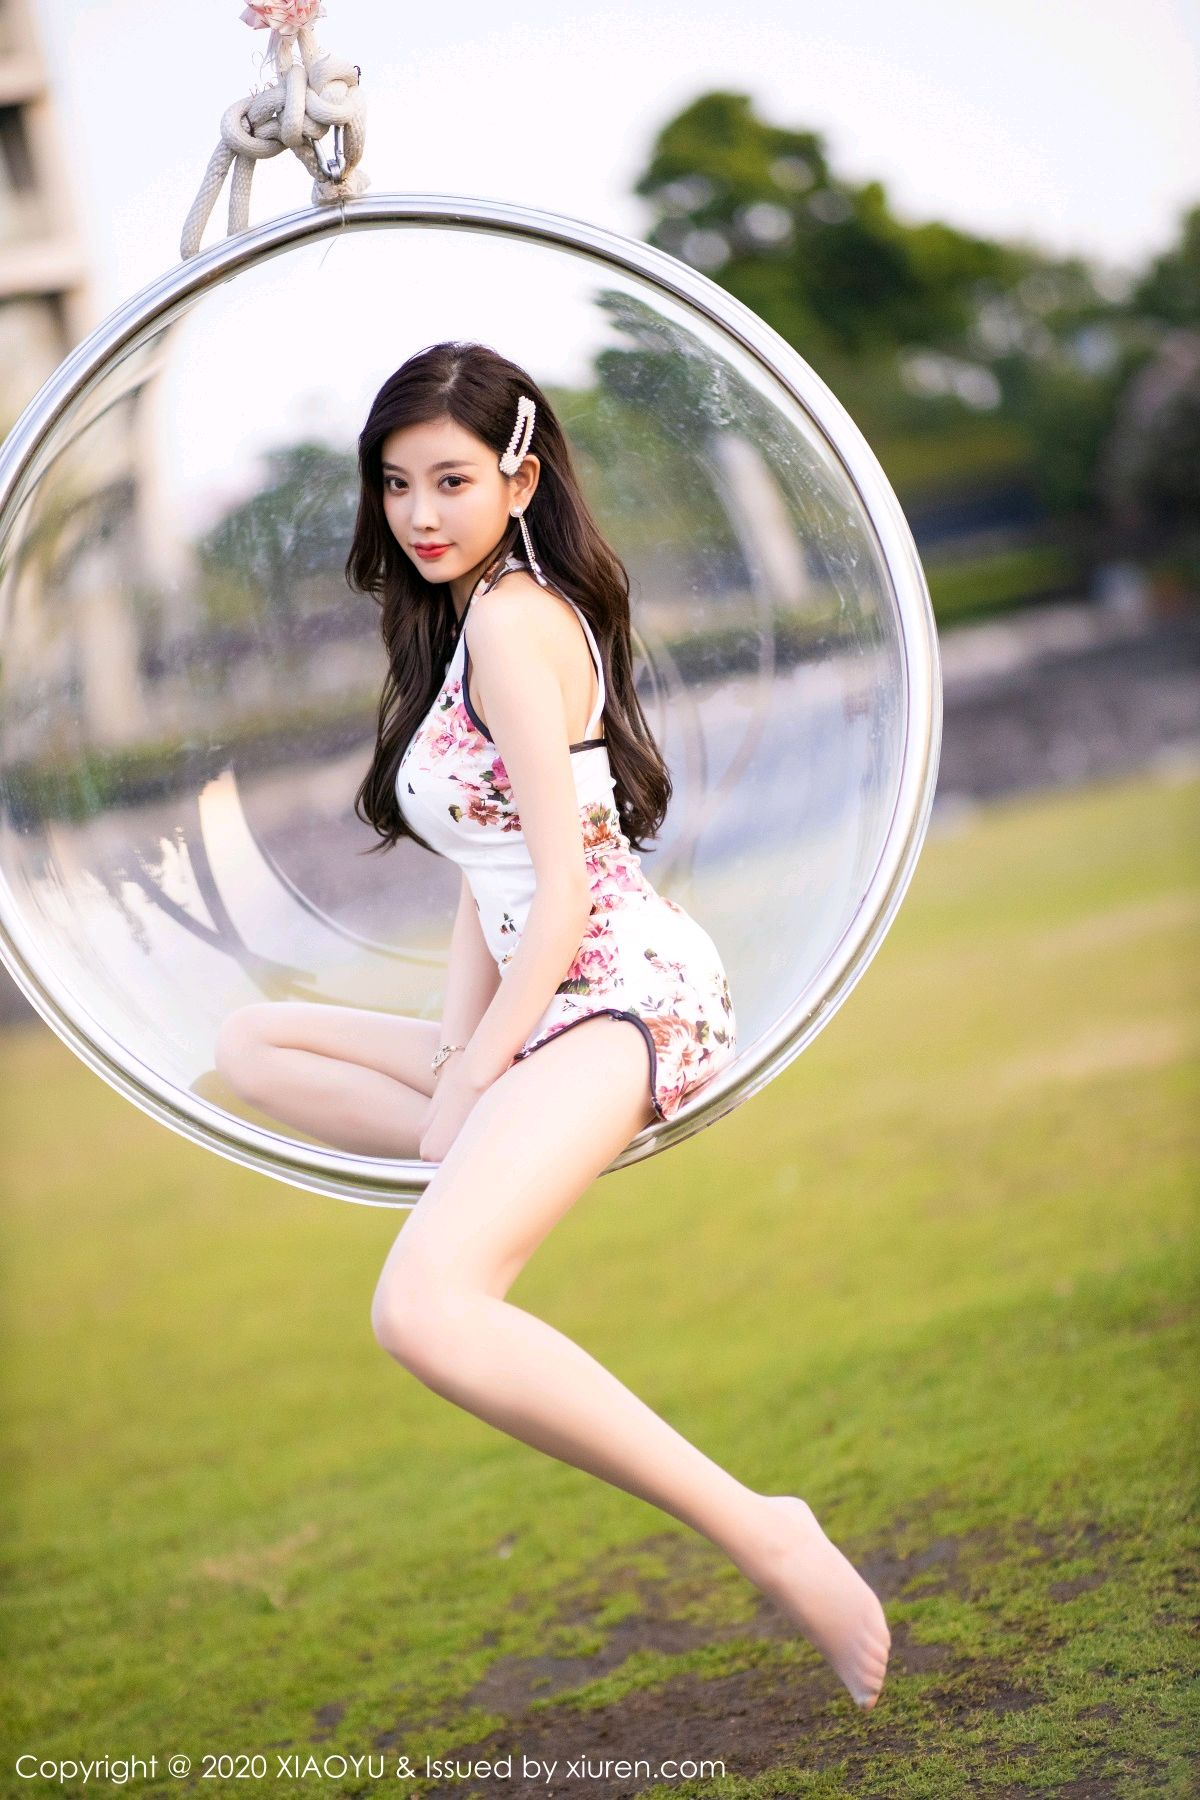 [XiaoYu] Vol.233 Yang Chen Chen 111P, Cheongsam, Foot, XiaoYu, Yang Chen Chen